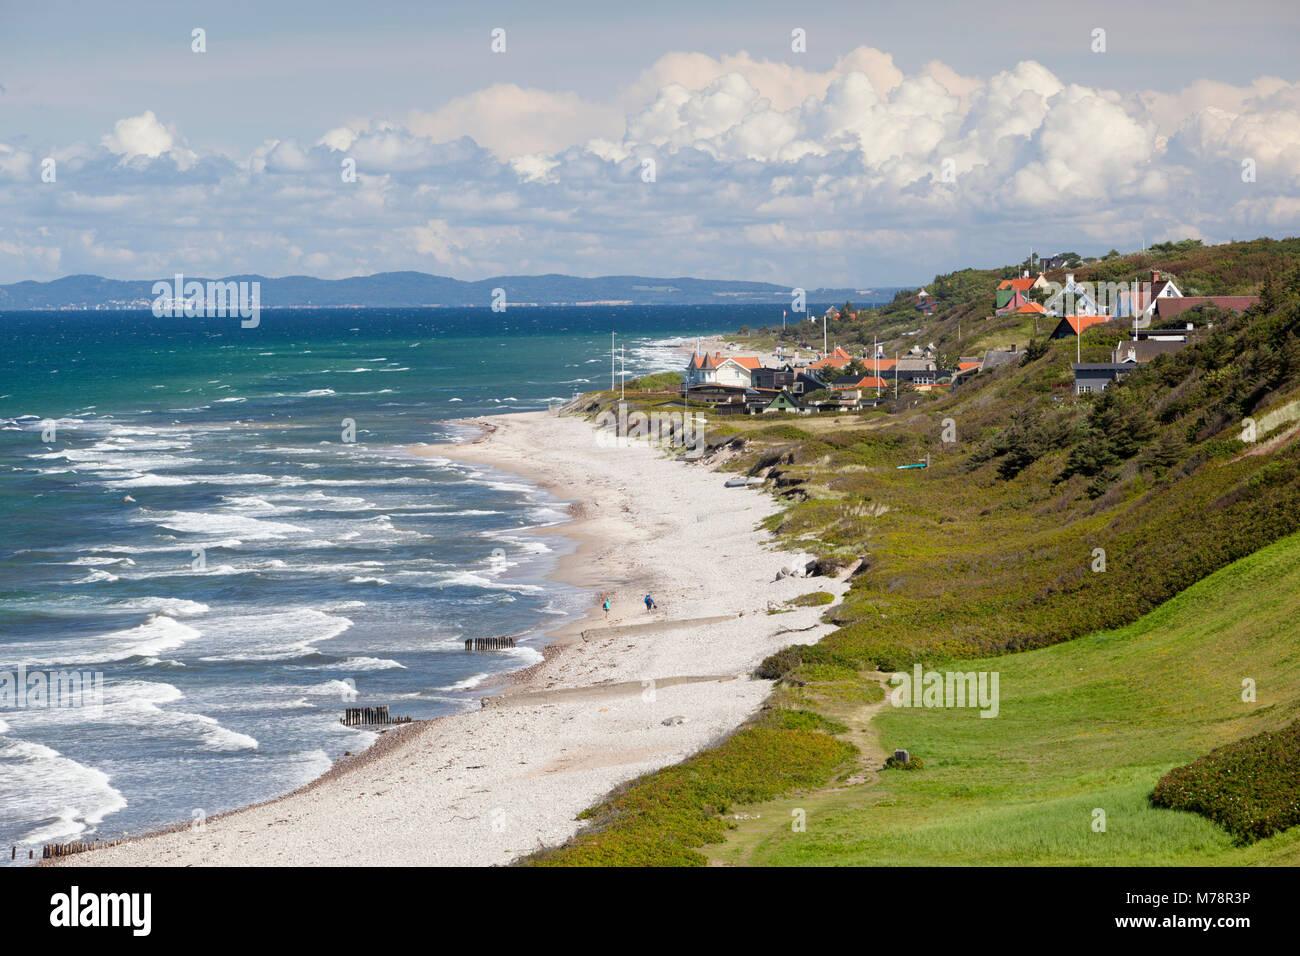 Vue sur Rageleje Strand Beach avec littoral suédois dans la distance, Rageleje, le Kattegat, la Nouvelle-Zélande, le Danemark, la Scandinavie, l'Europe Banque D'Images